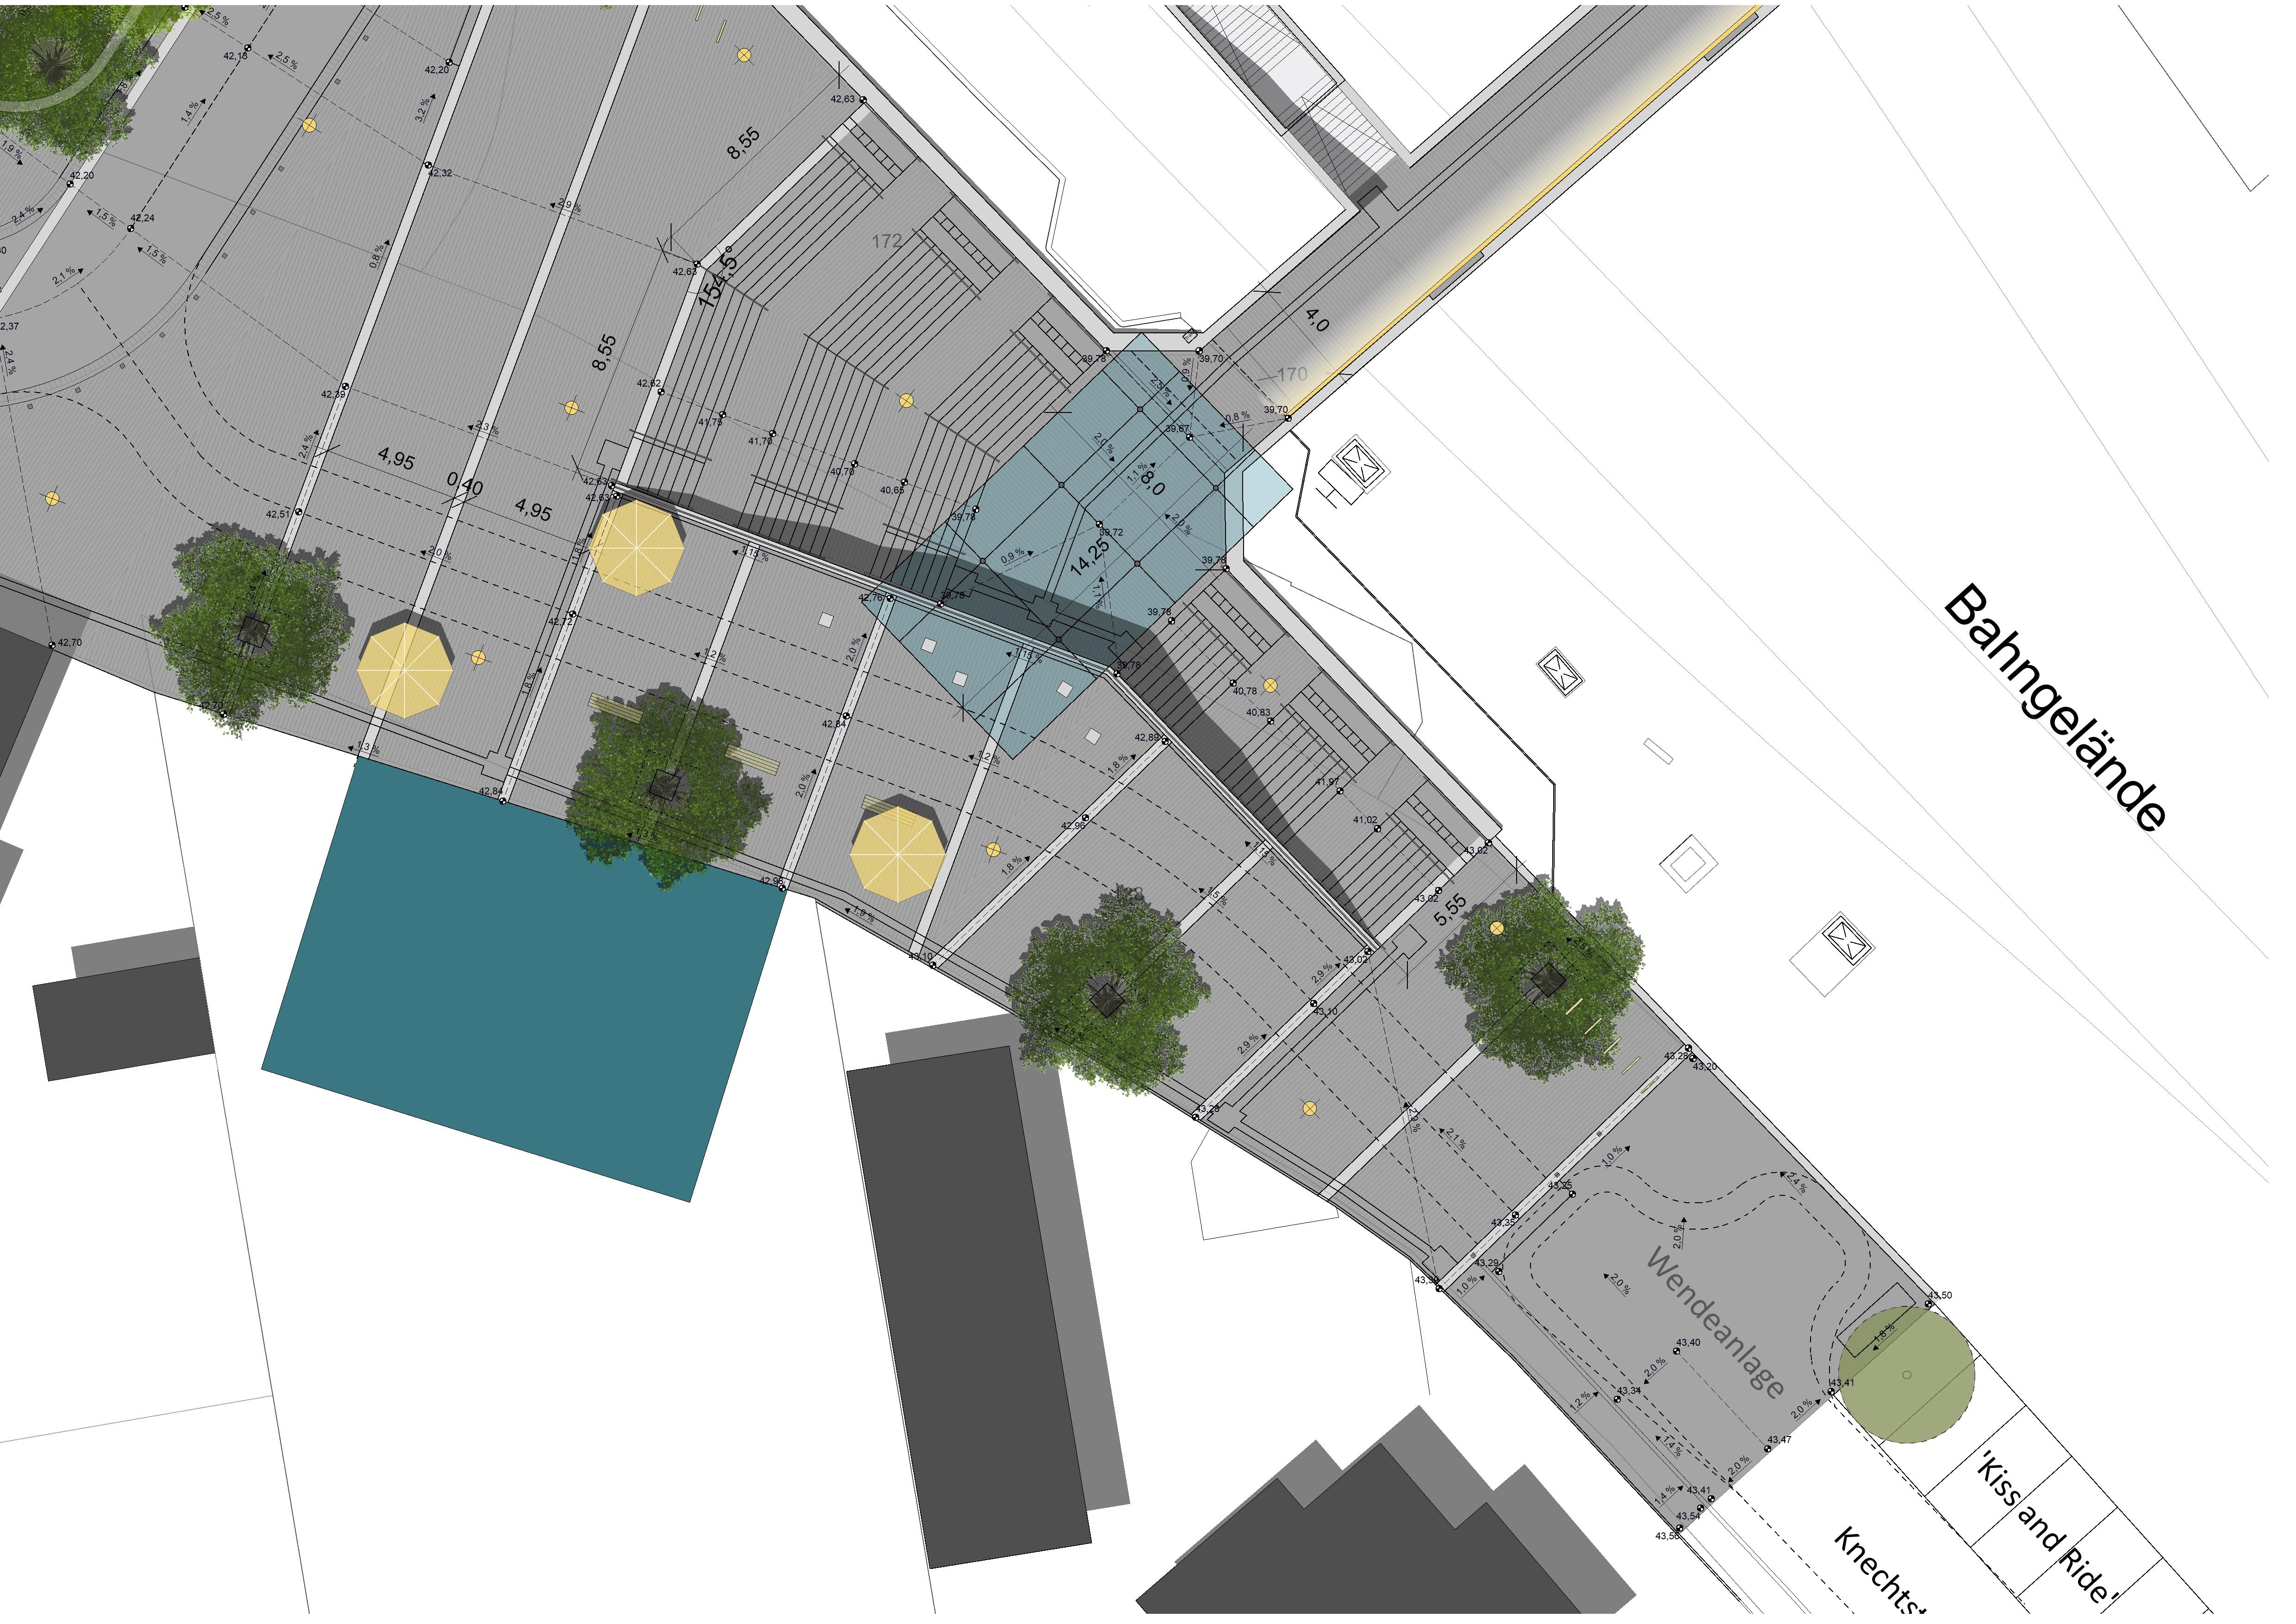 Dor_Bahnhof_Entwurfsplanung_2017-02-20